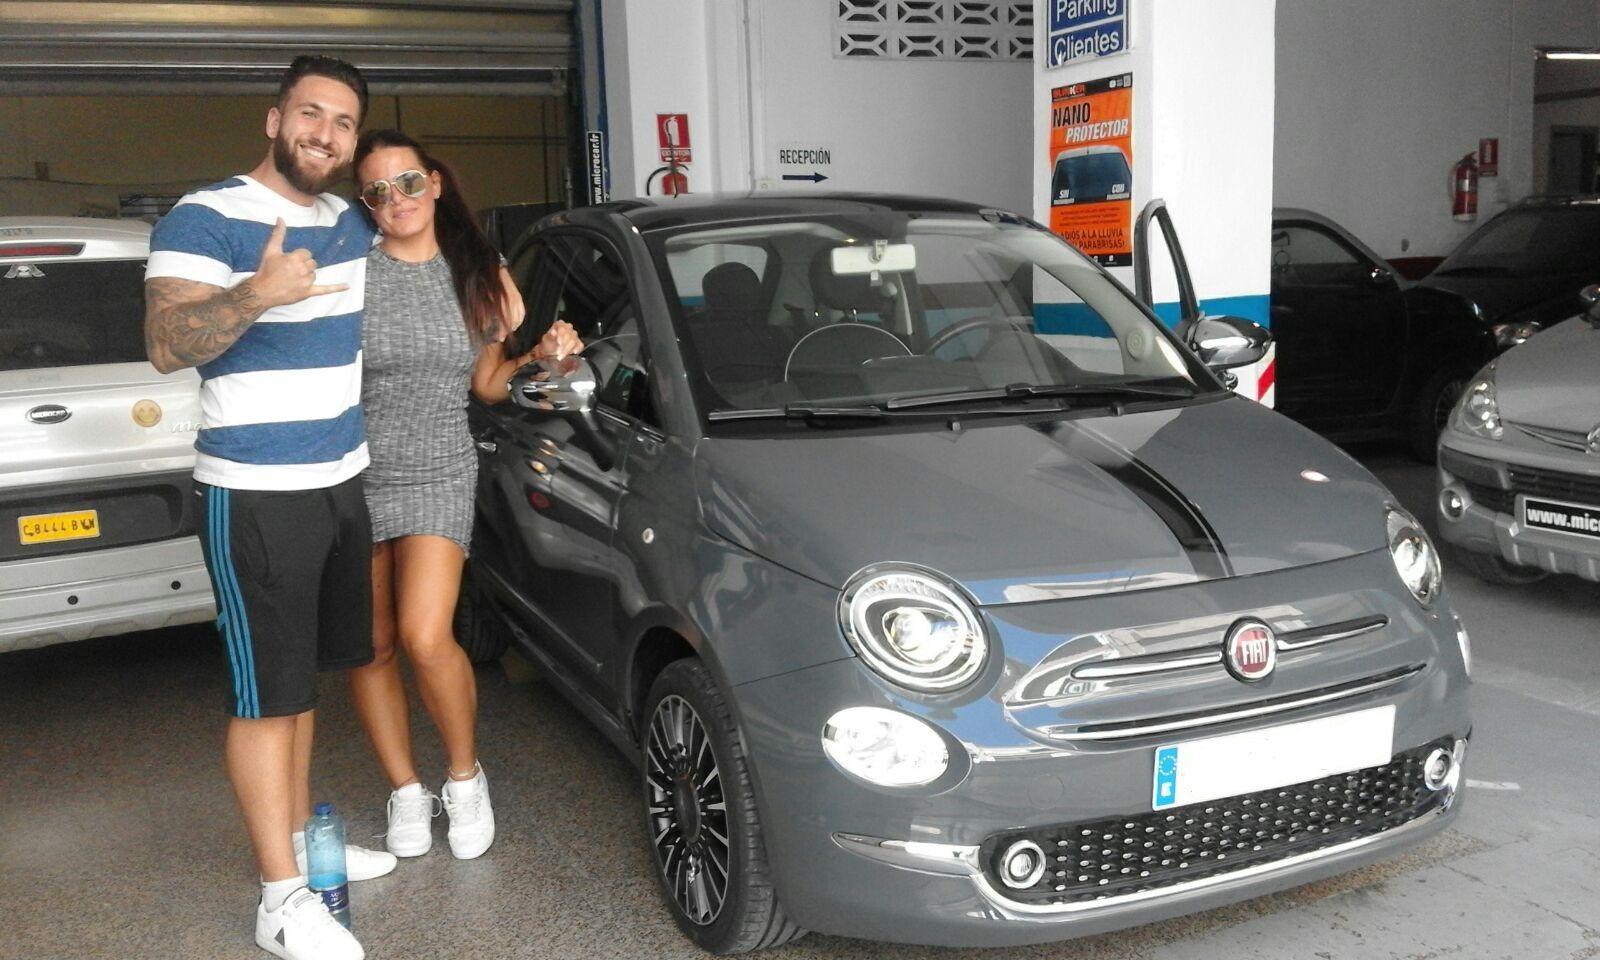 Entrega a Pati y Vicente de un Fiat 500